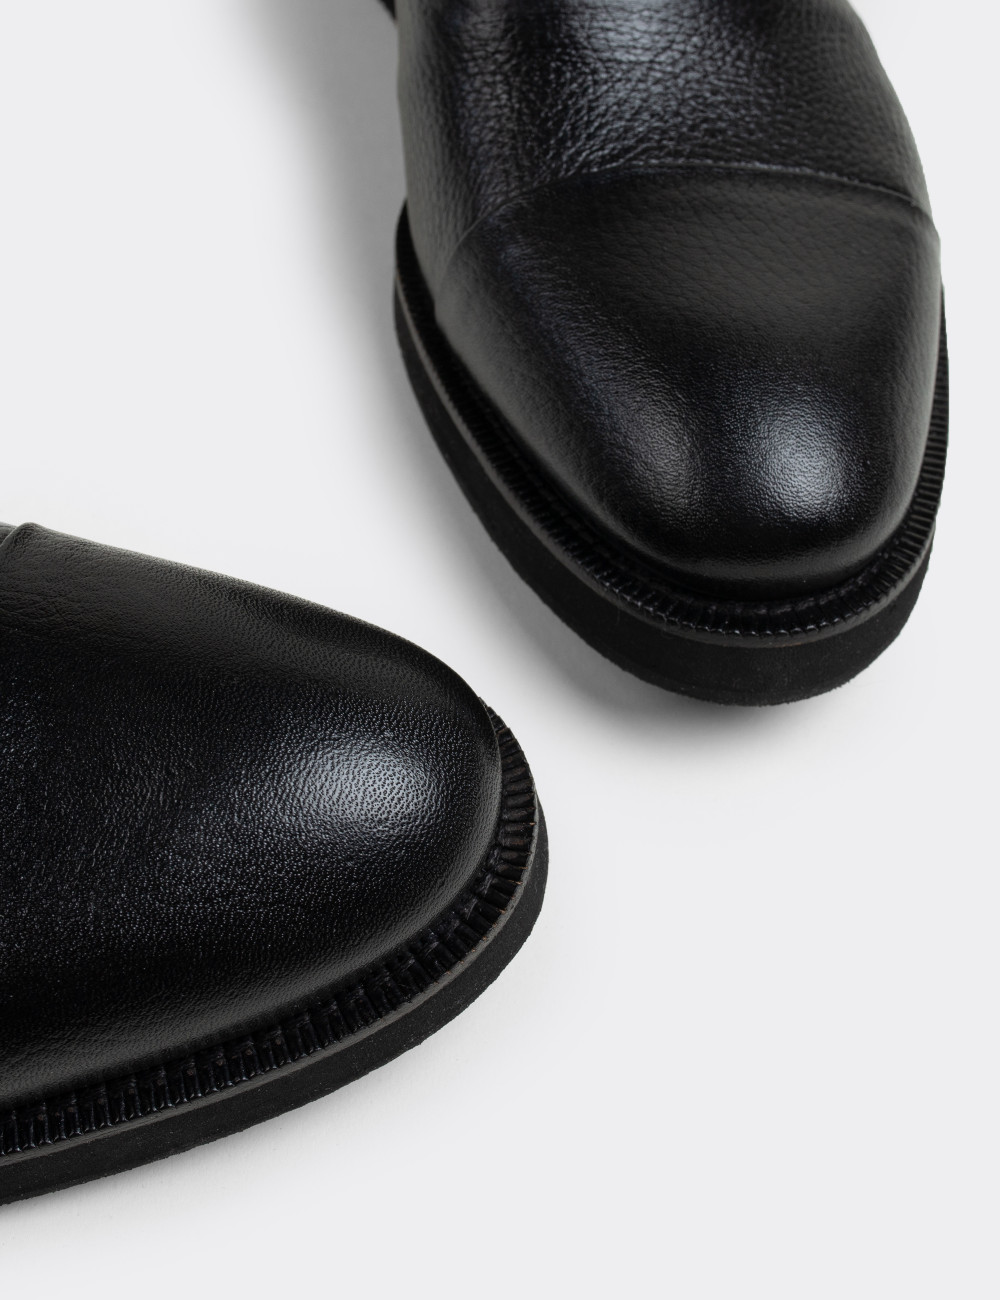 Hakiki Deri Siyah Günlük Erkek Ayakkabı - 01026MSYHE11